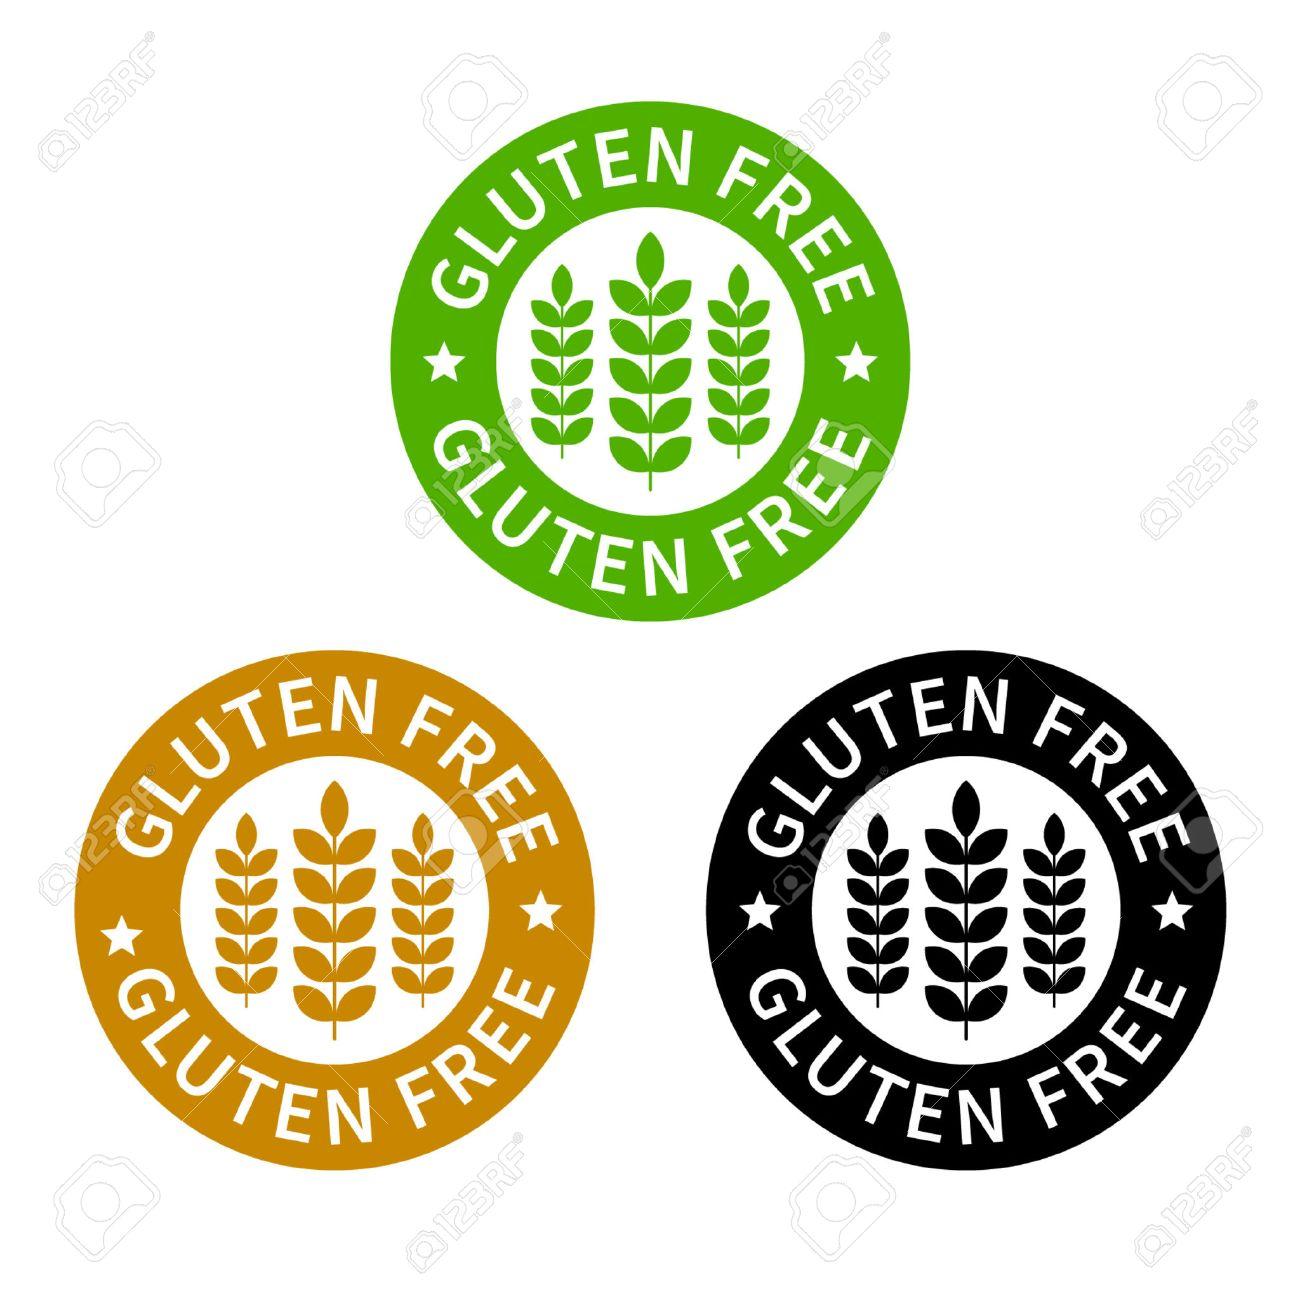 No gluten gluten free food label or sticker flat icon